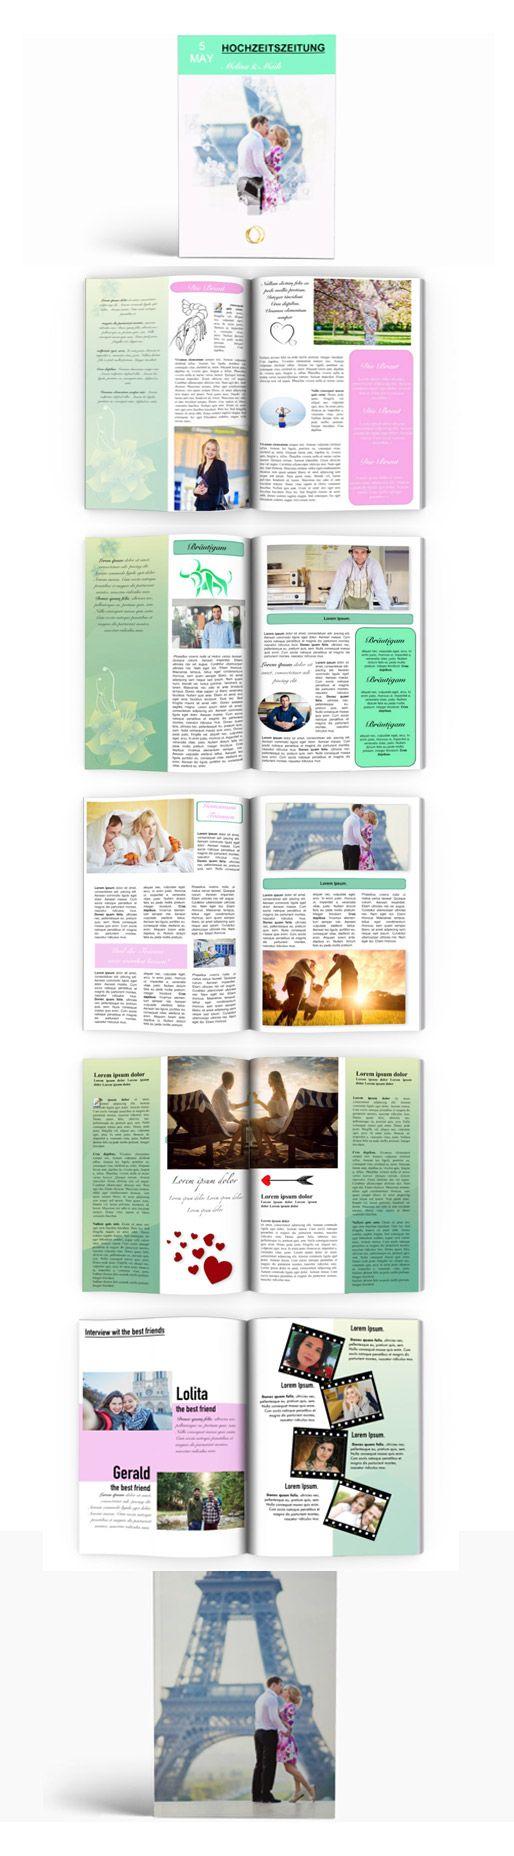 vorlagen fr hochzeitszeitung einfach mit publisher umsetzen - Hochzeitszeitung Beispiele Pdf